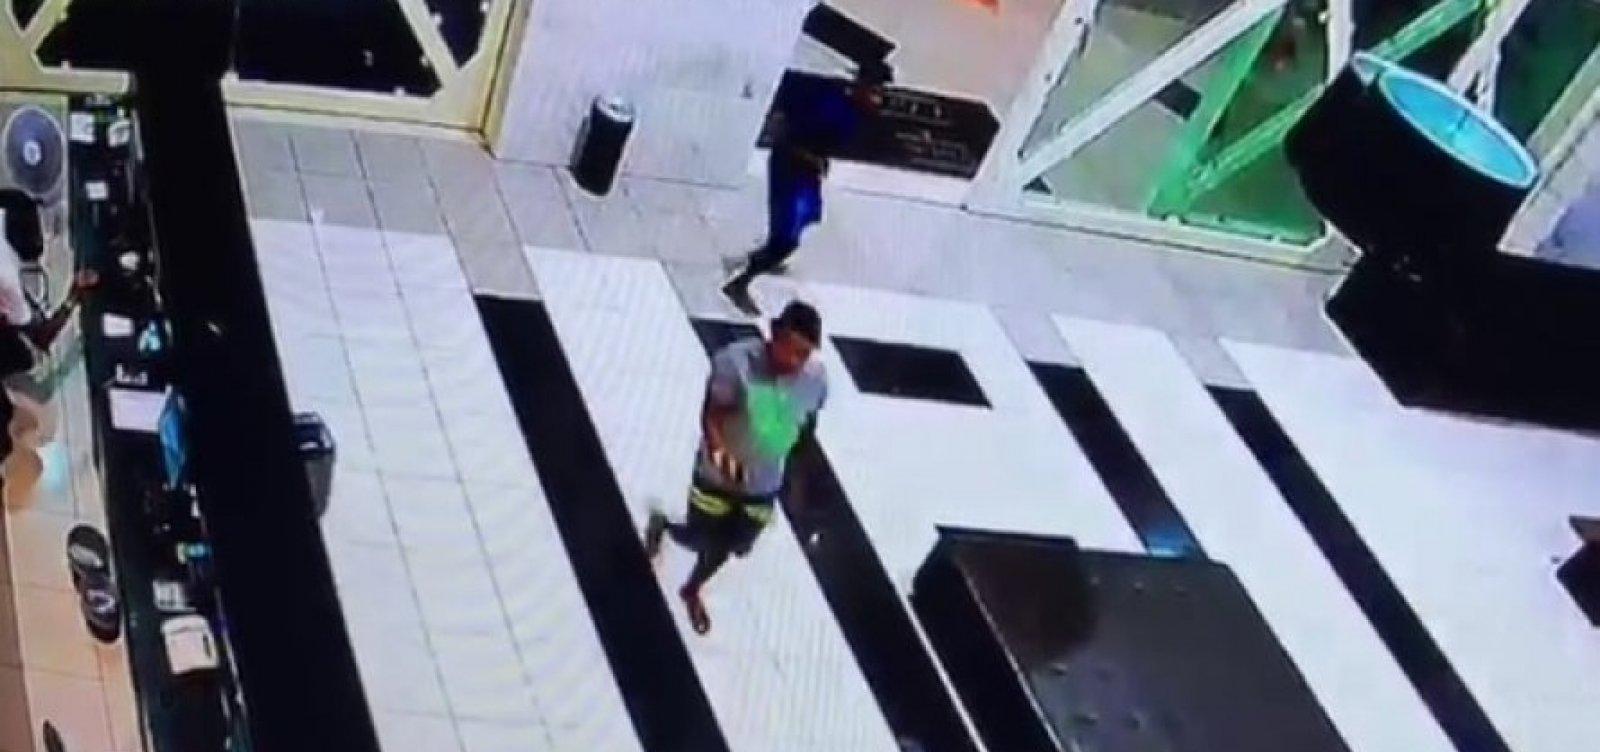 Hóspede é baleado durante assalto em flat na região do Iguatemi; vídeo